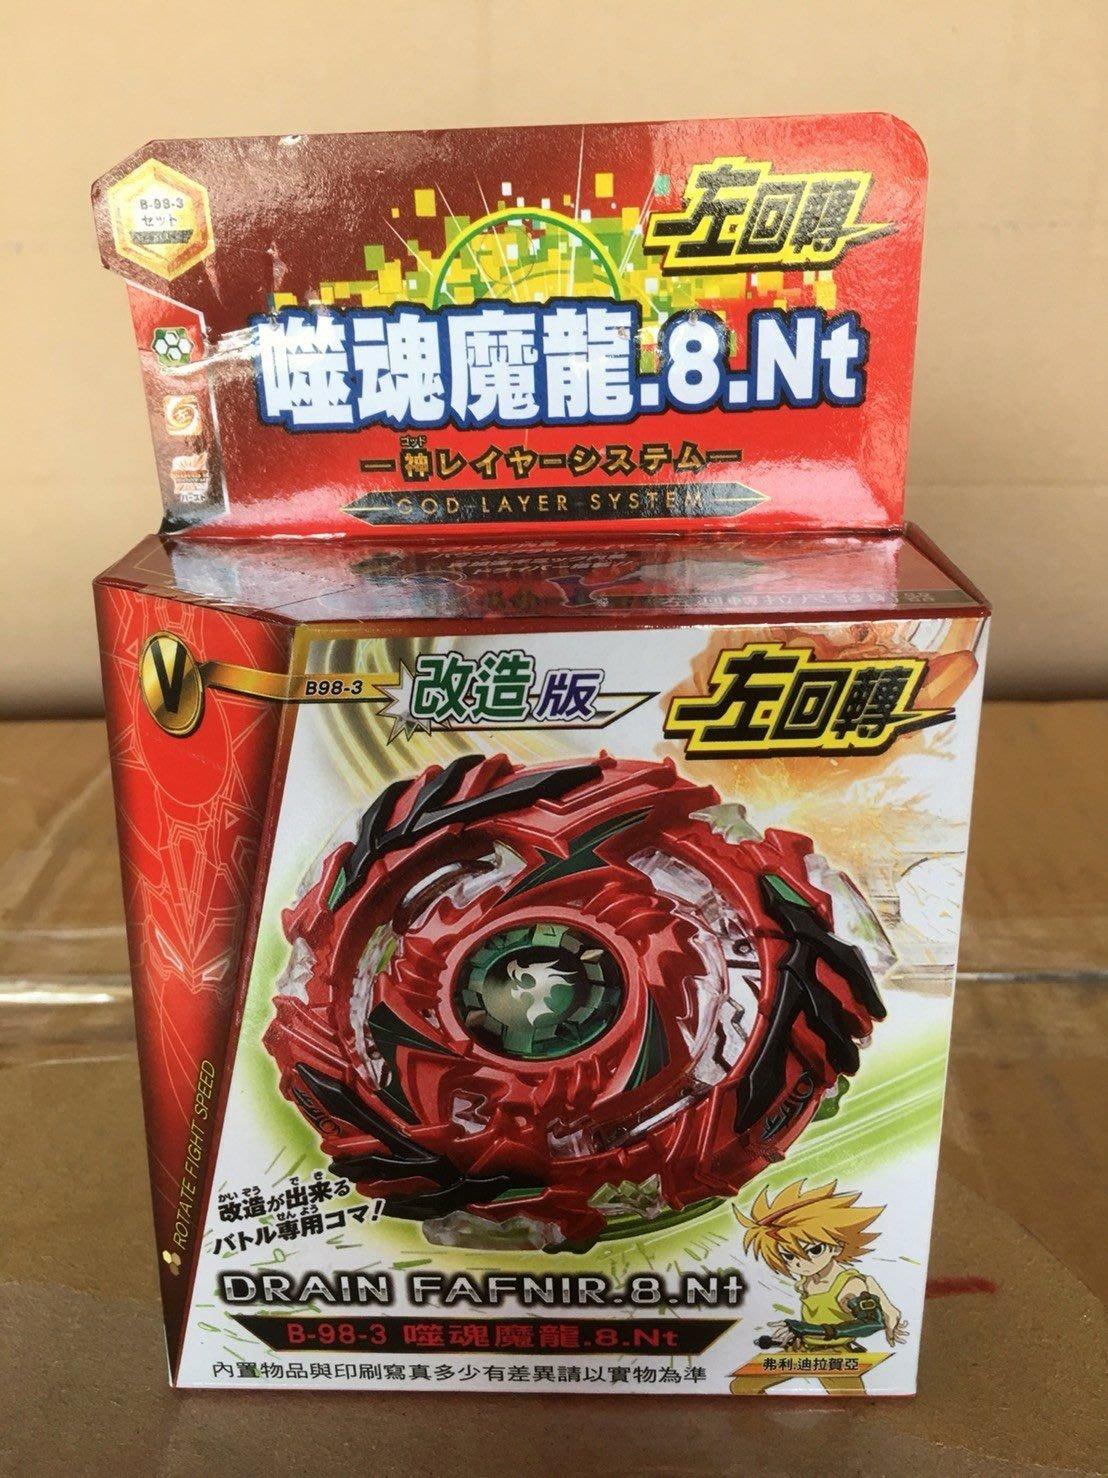 最新戰鬥陀螺之爆裂對戰-限定武裝改造組 進化版噬魂魔龍戰鬥陀螺爆裂世代套裝組附發射器